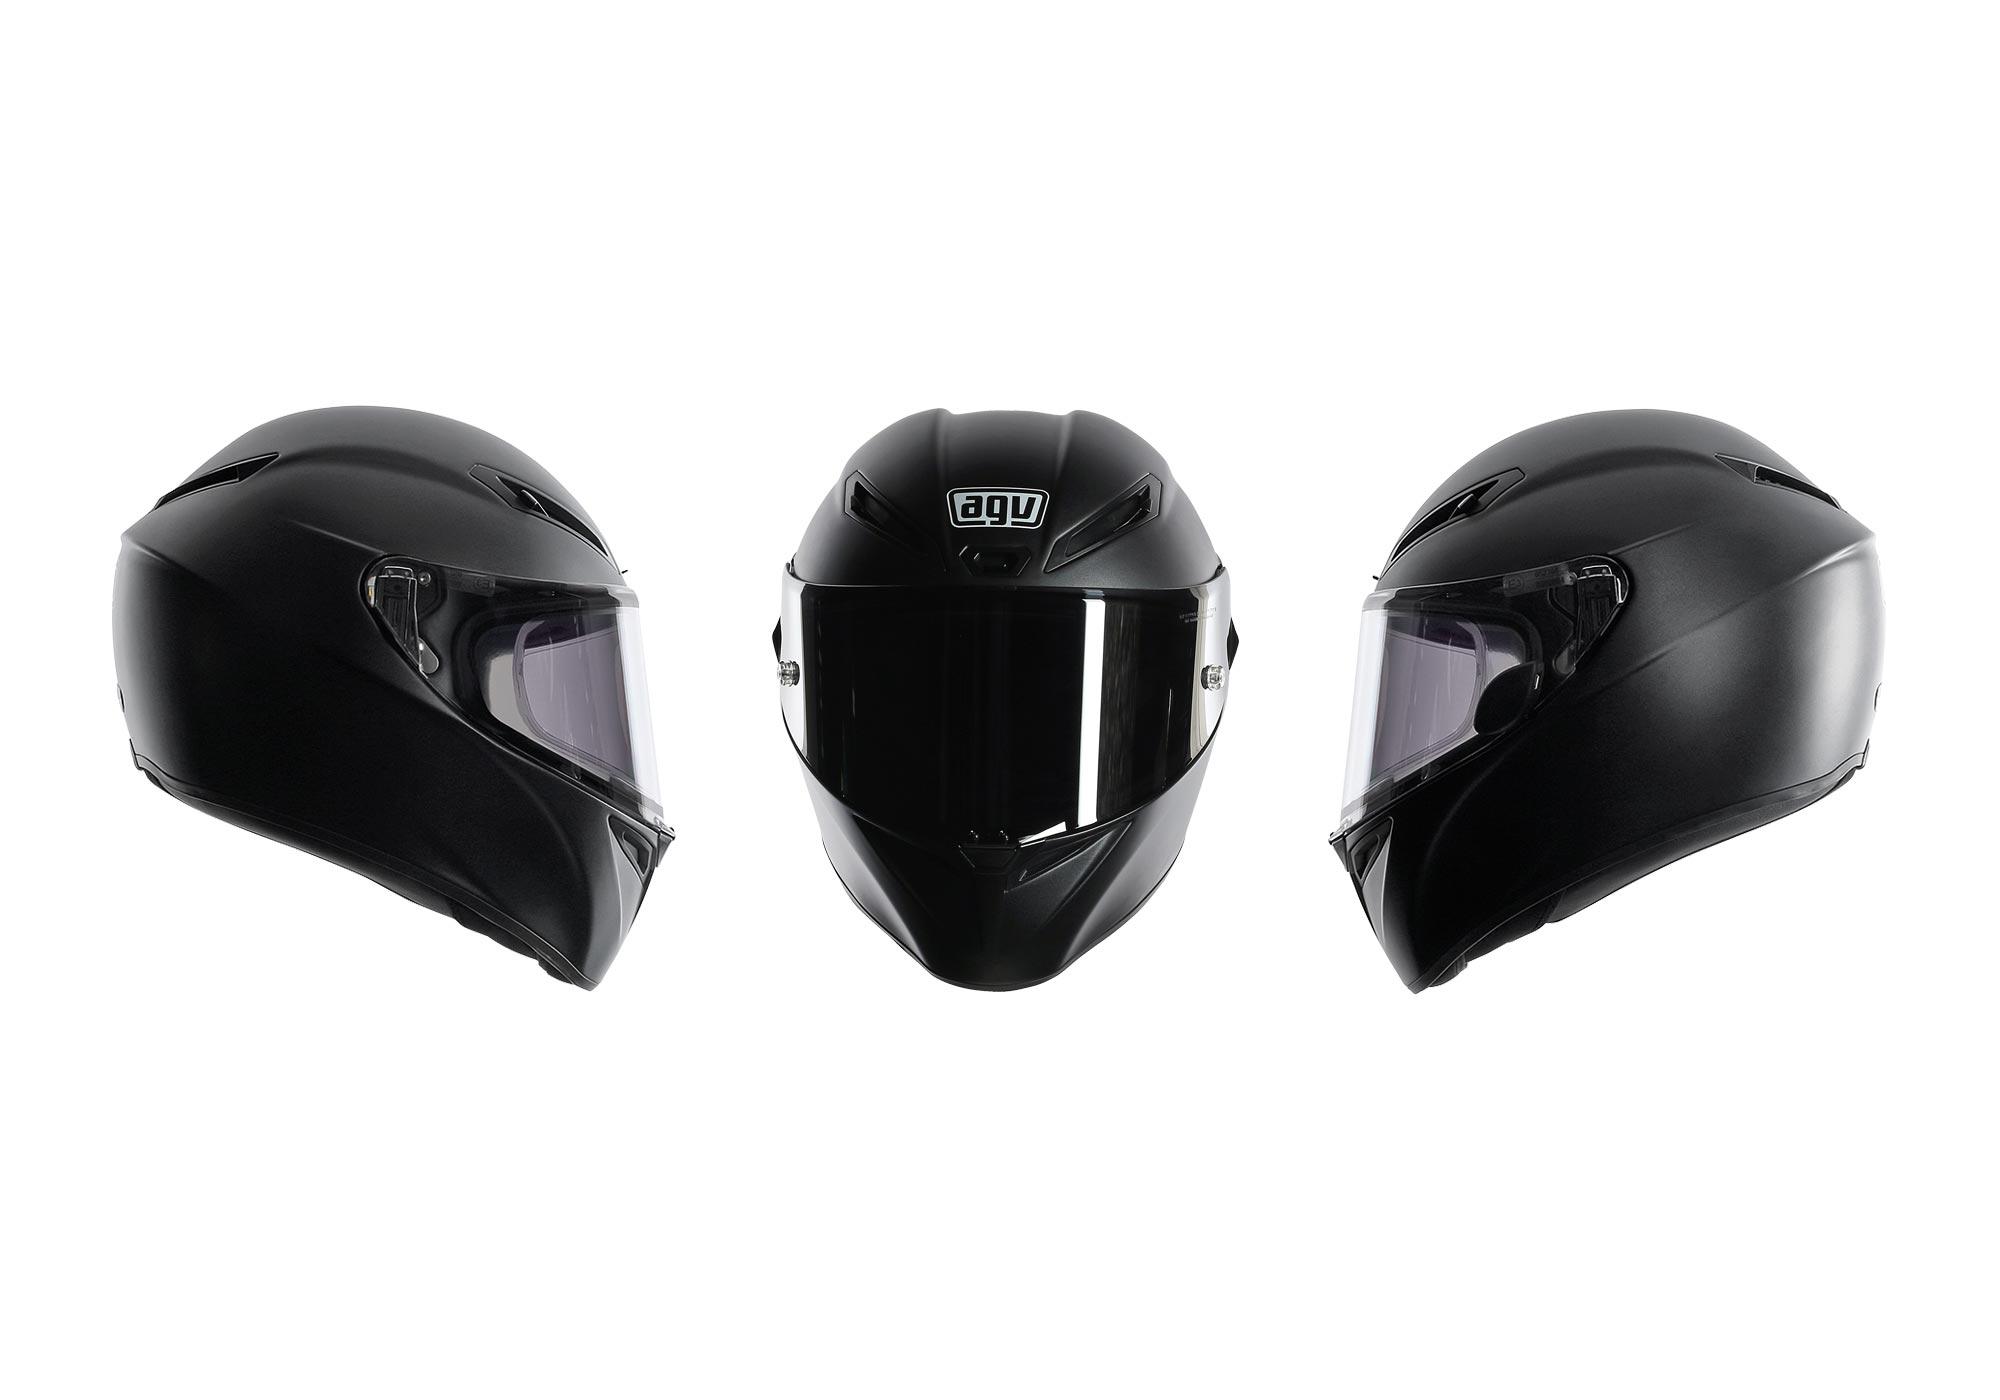 b65747b7 AGVisor - AGV Helmets Get LCD-Tinted Visors - Asphalt & Rubber